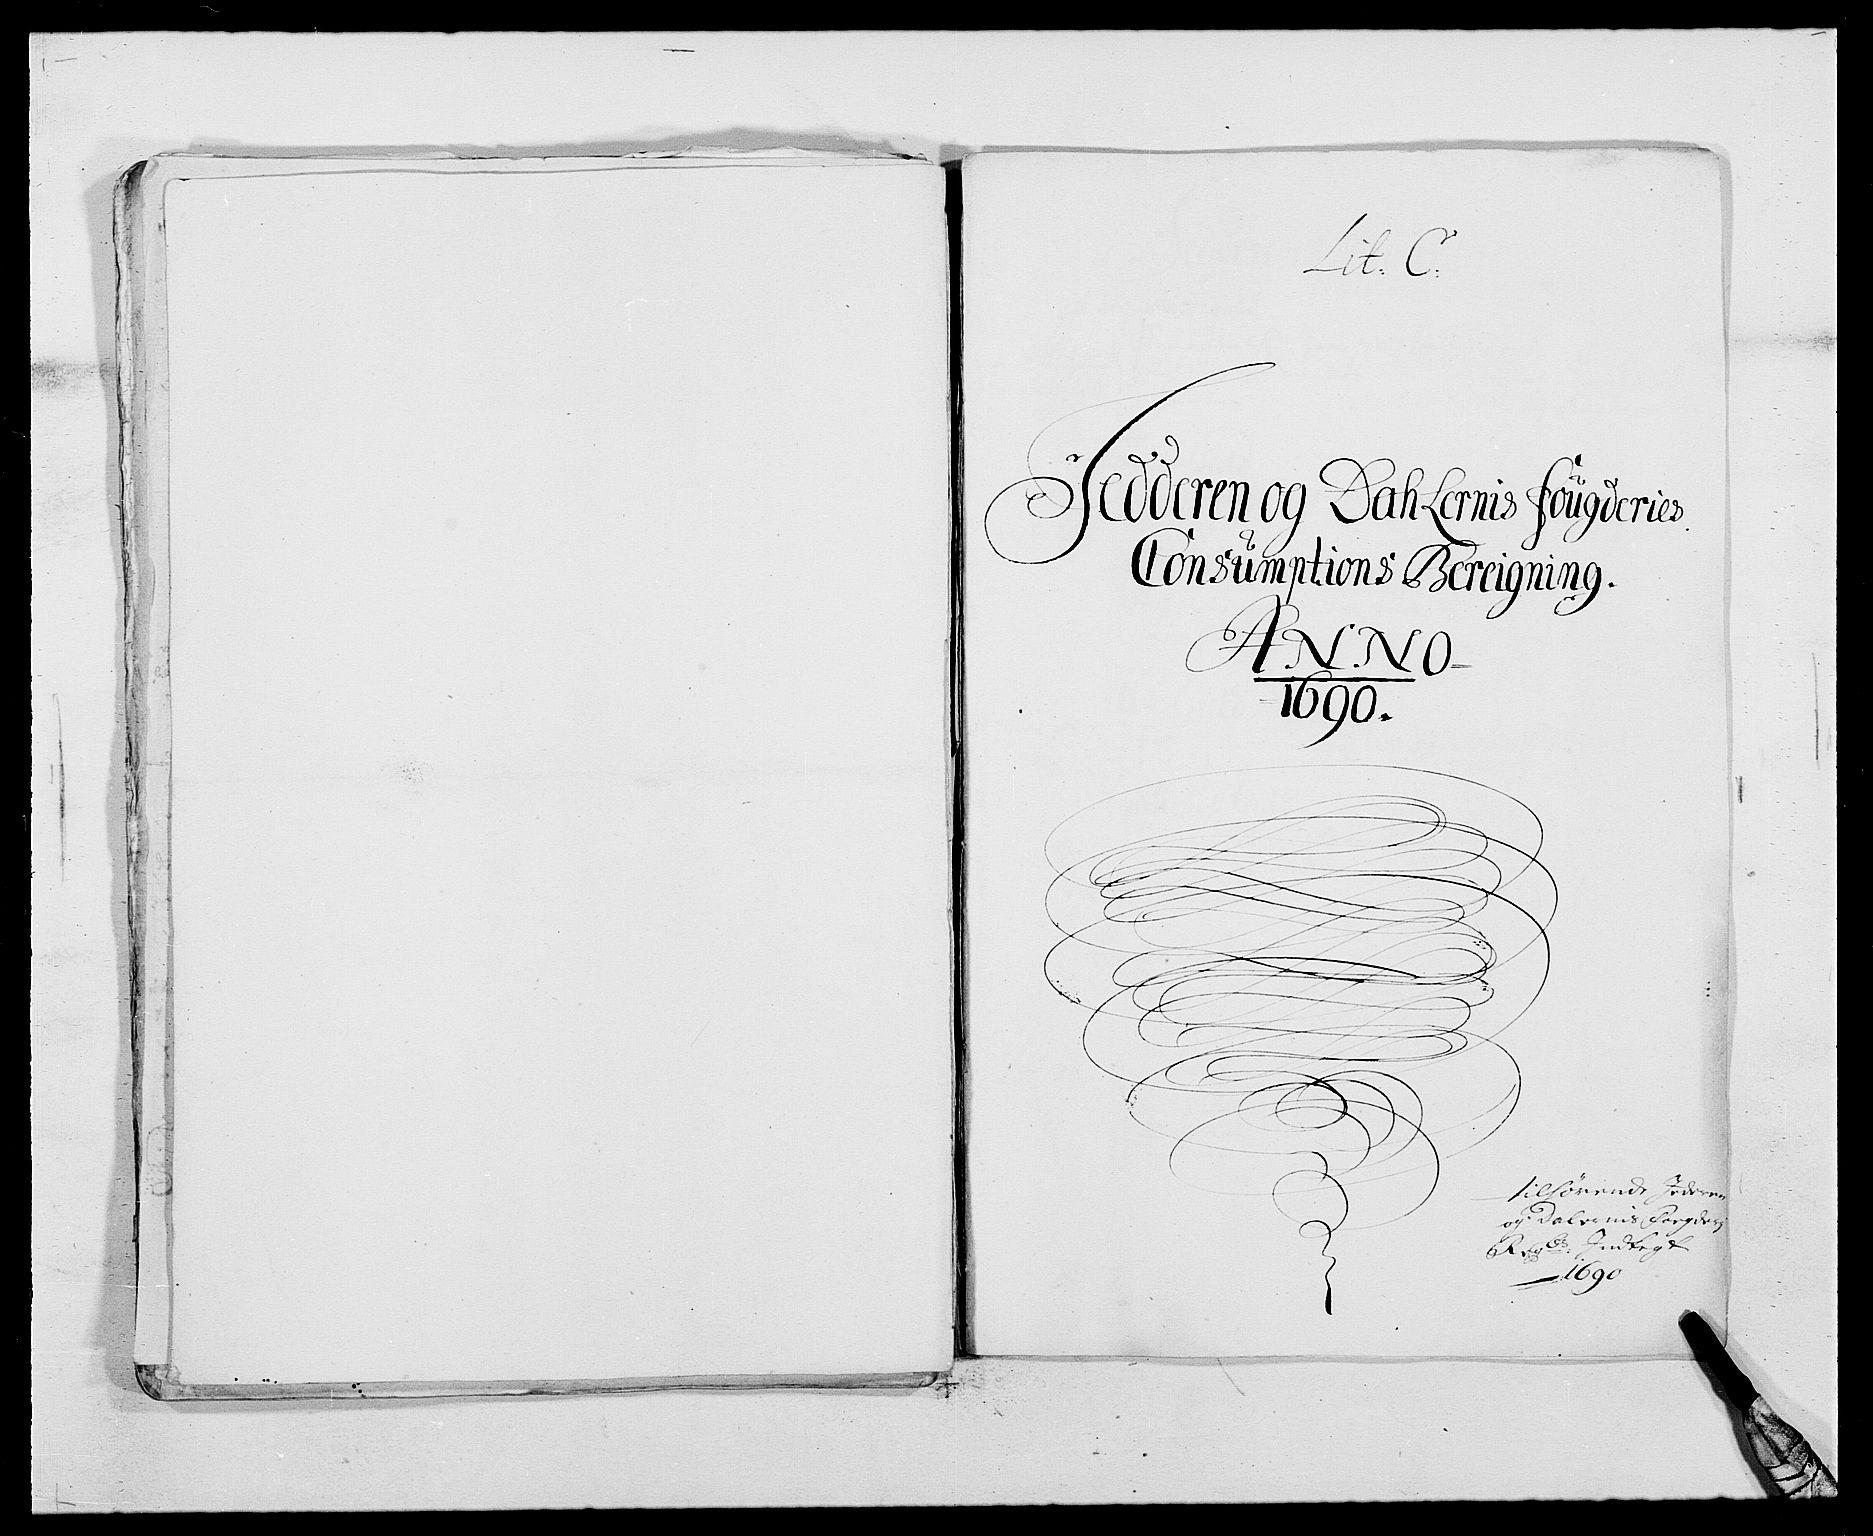 RA, Rentekammeret inntil 1814, Reviderte regnskaper, Fogderegnskap, R46/L2727: Fogderegnskap Jæren og Dalane, 1690-1693, s. 37